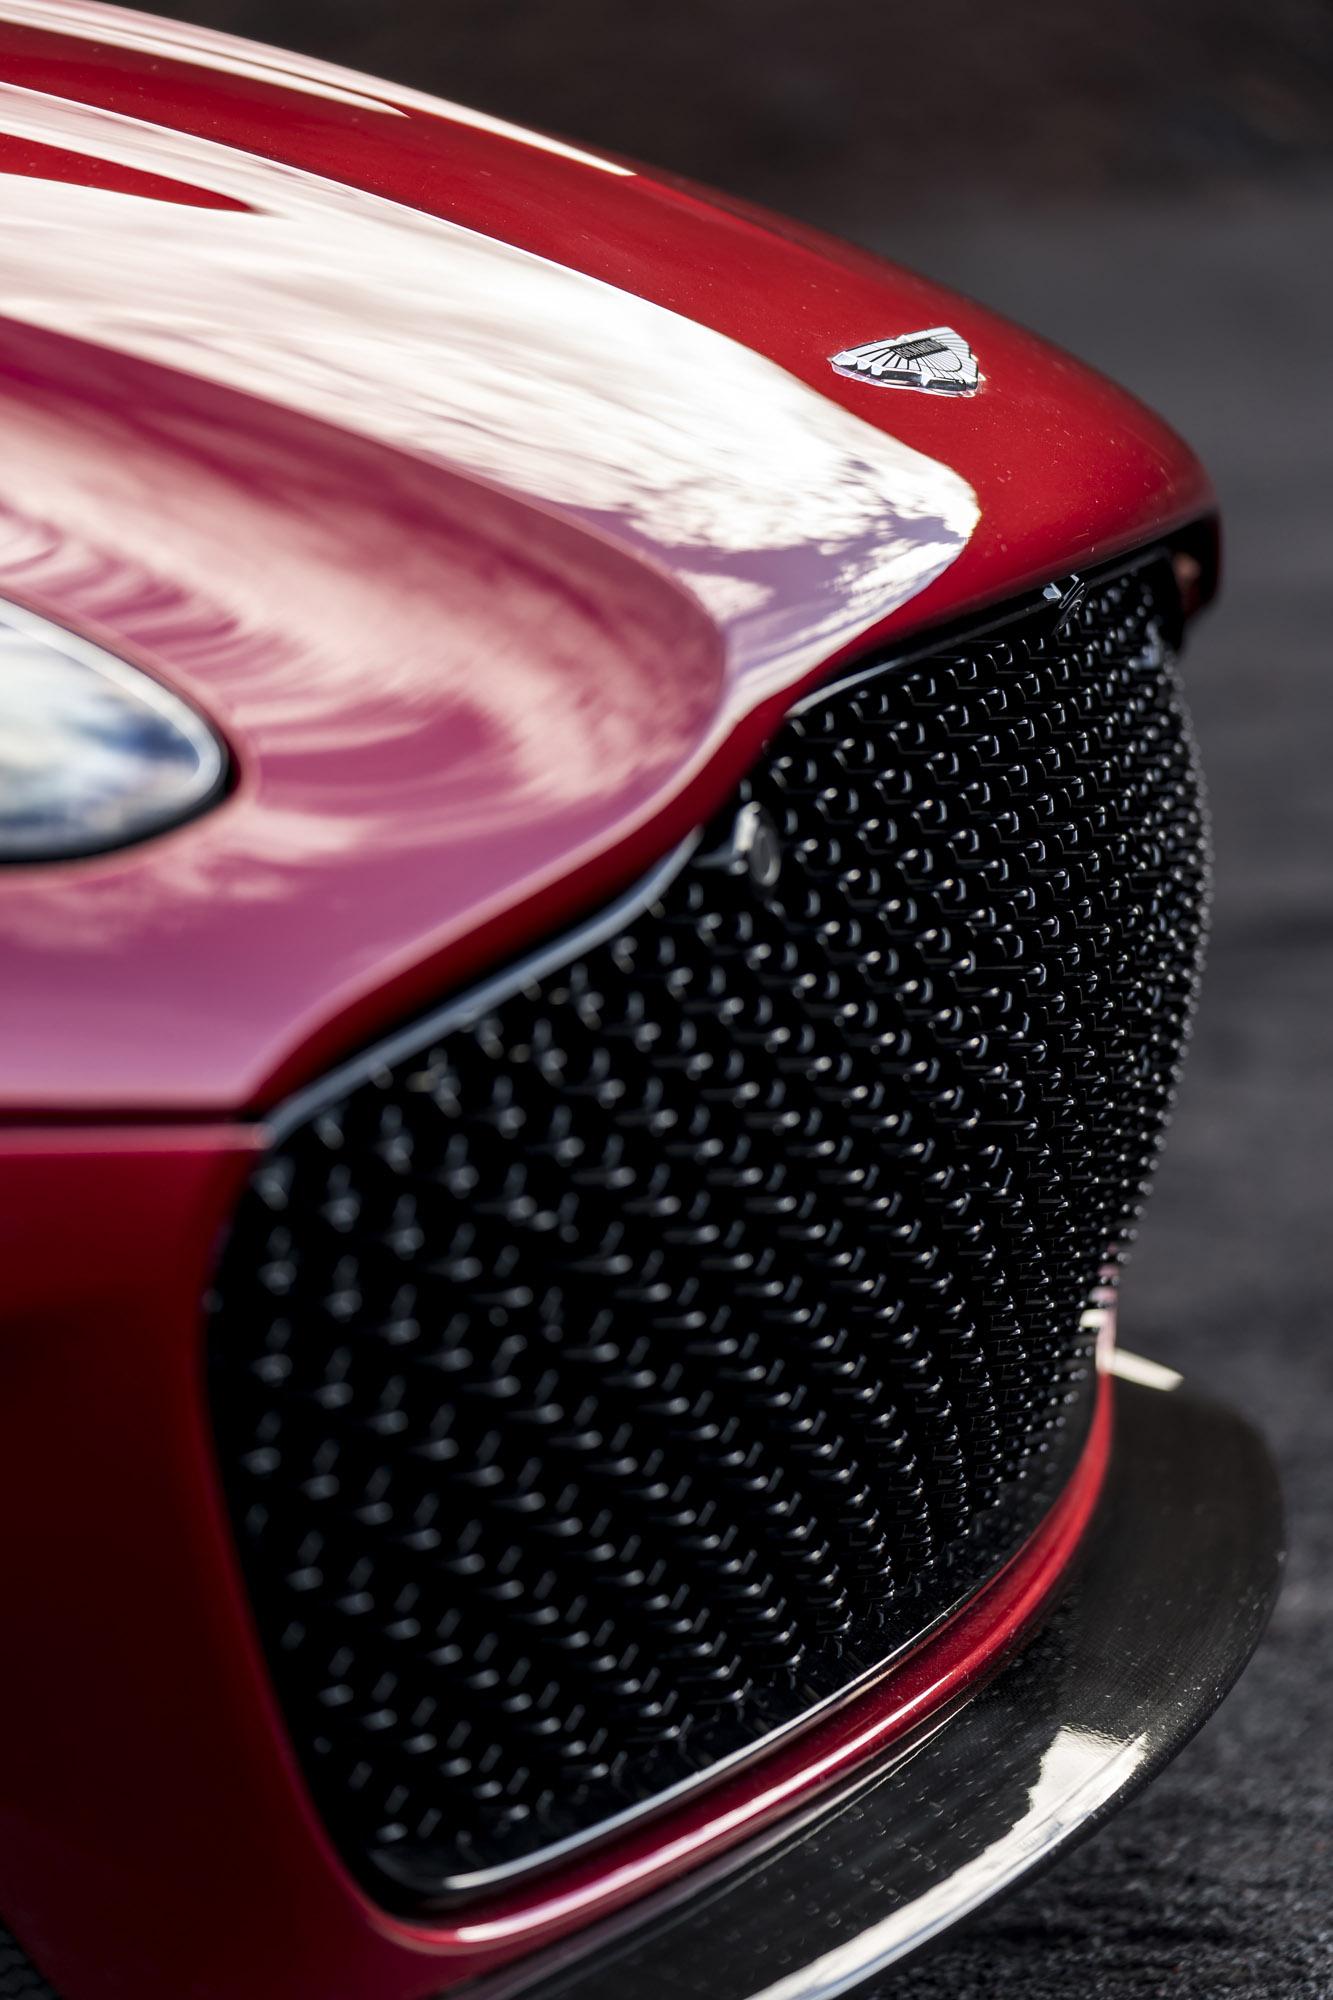 В стандартной комплектации он получает отделку алькантарой, два варианта дизайна колес – стандартные диски с Y-спицами и облегченные диски с закругленными спицами. Оба варианта имеют размер 21 дюйм и обуты в шины Pirelli, специально созданные для это